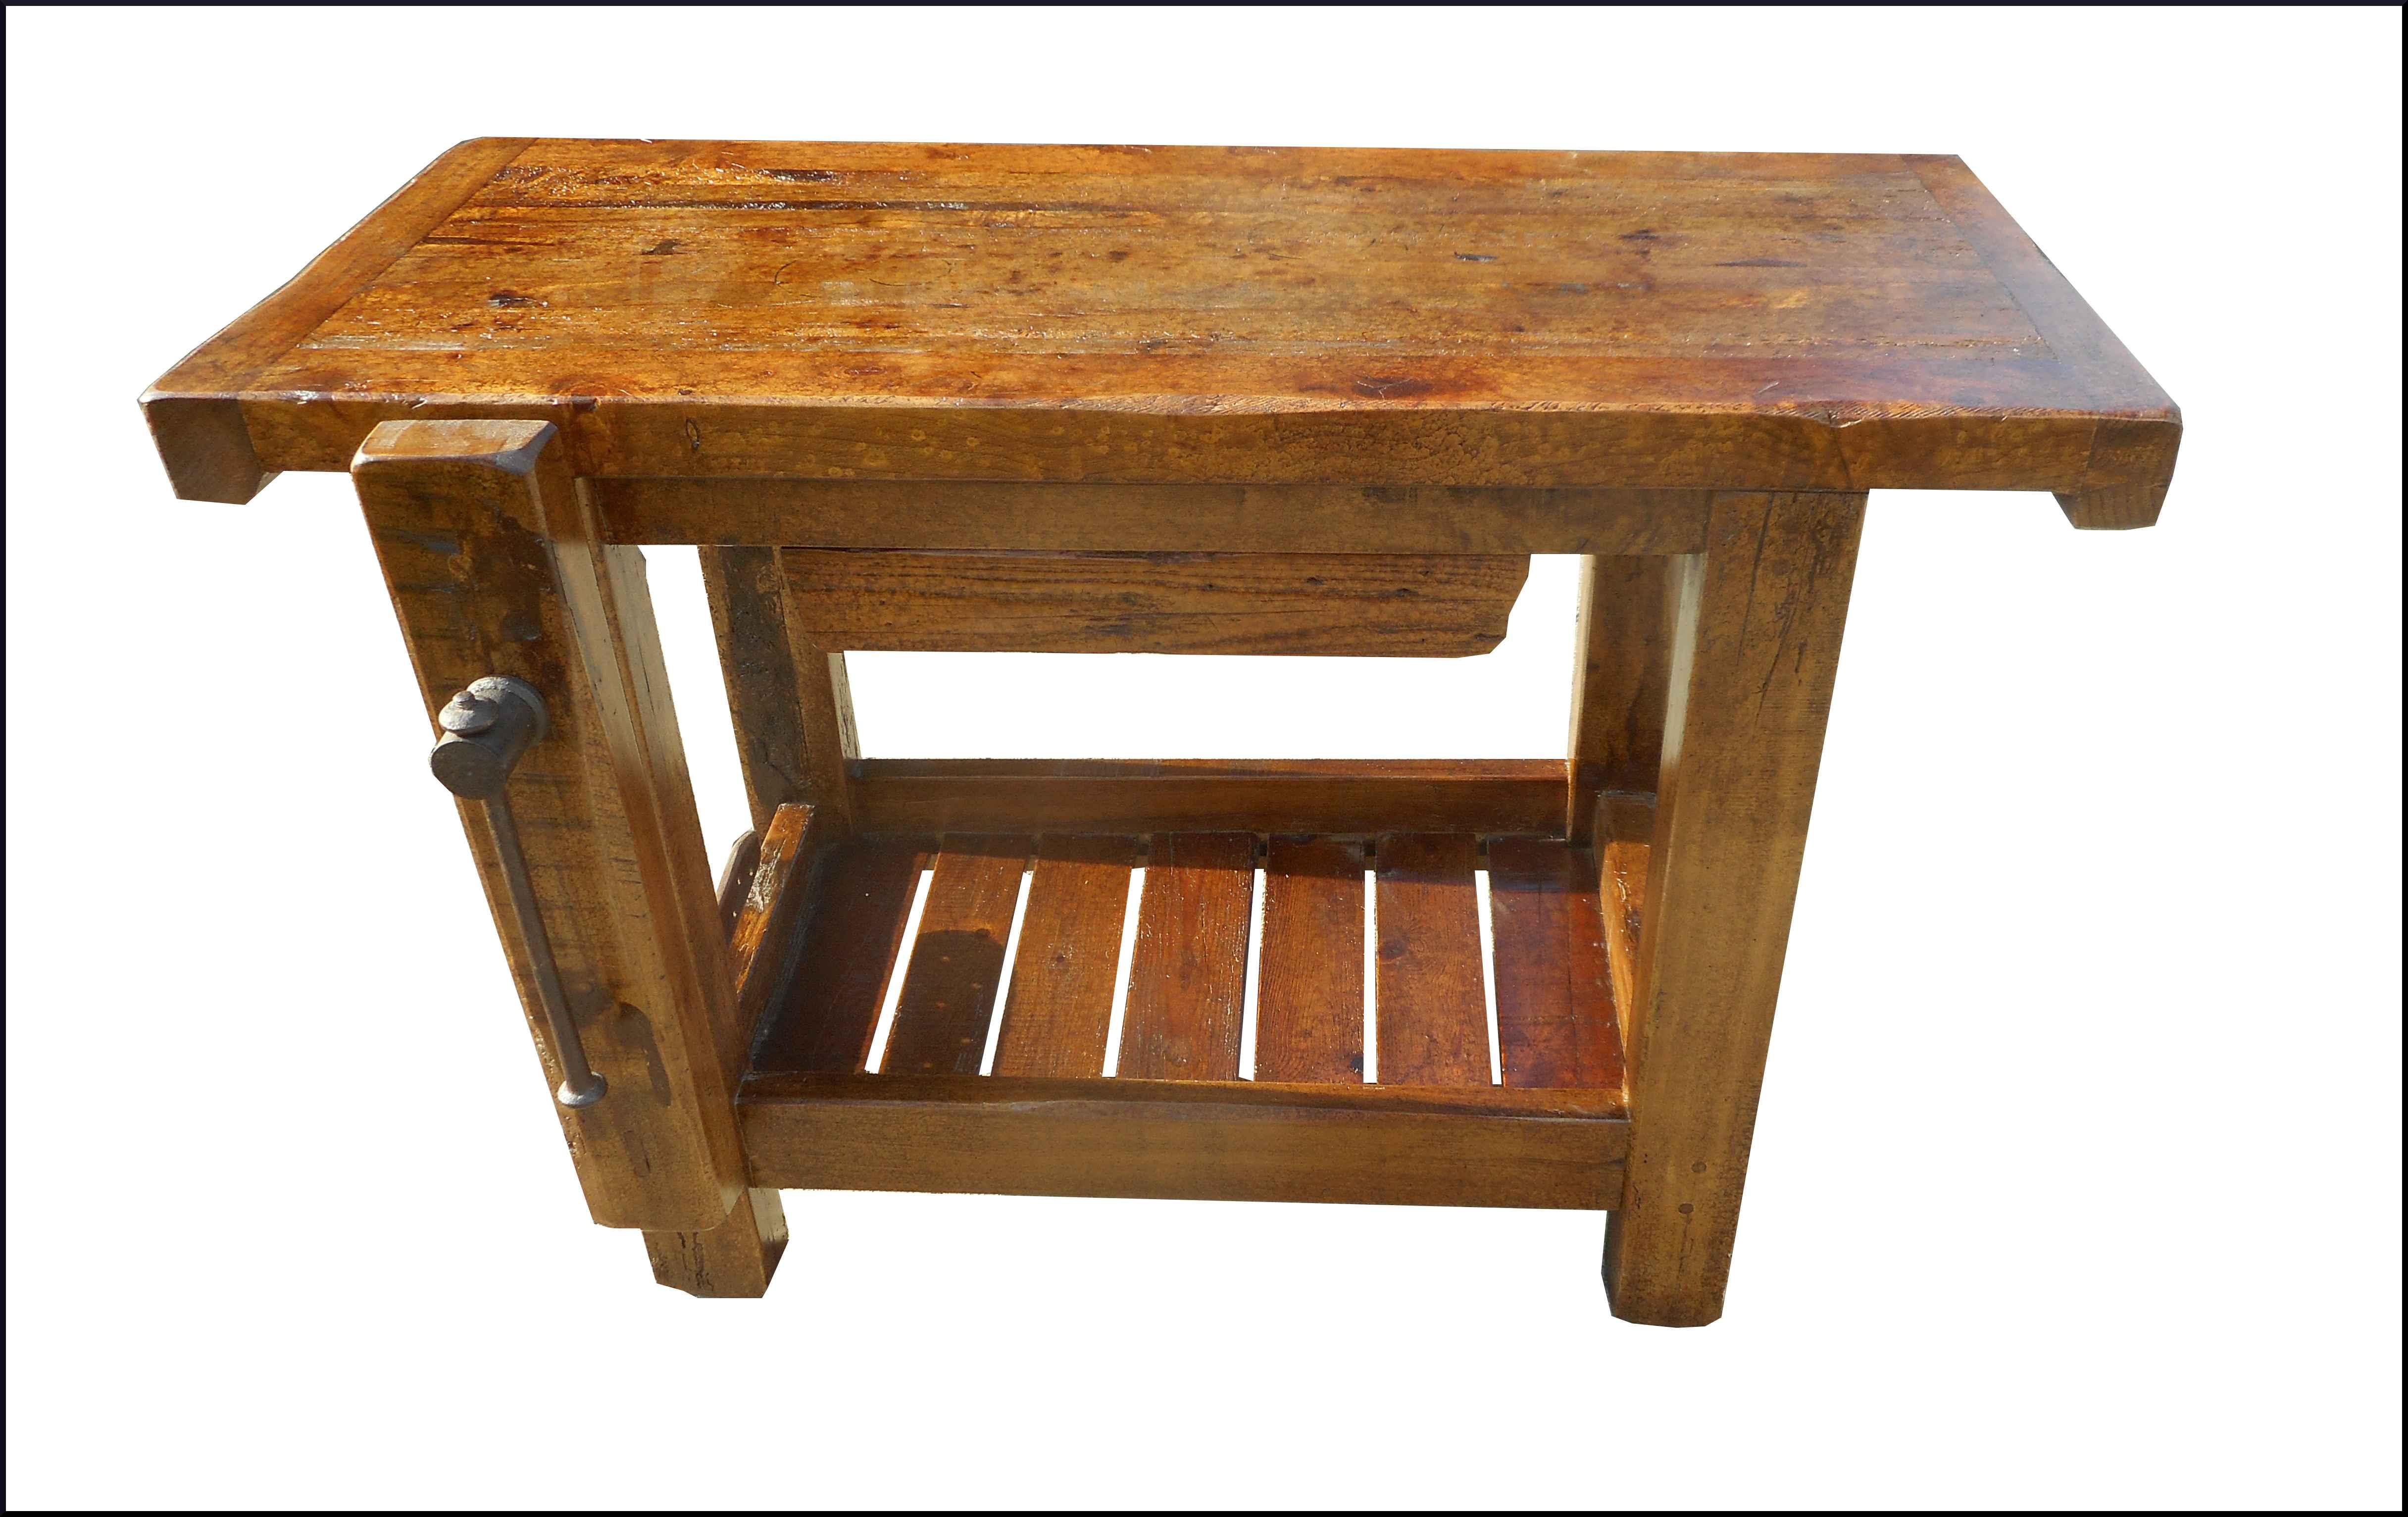 Banco Di Lavoro Falegname : Novità e promozioni mobili antichi restaurati e riprodotti la